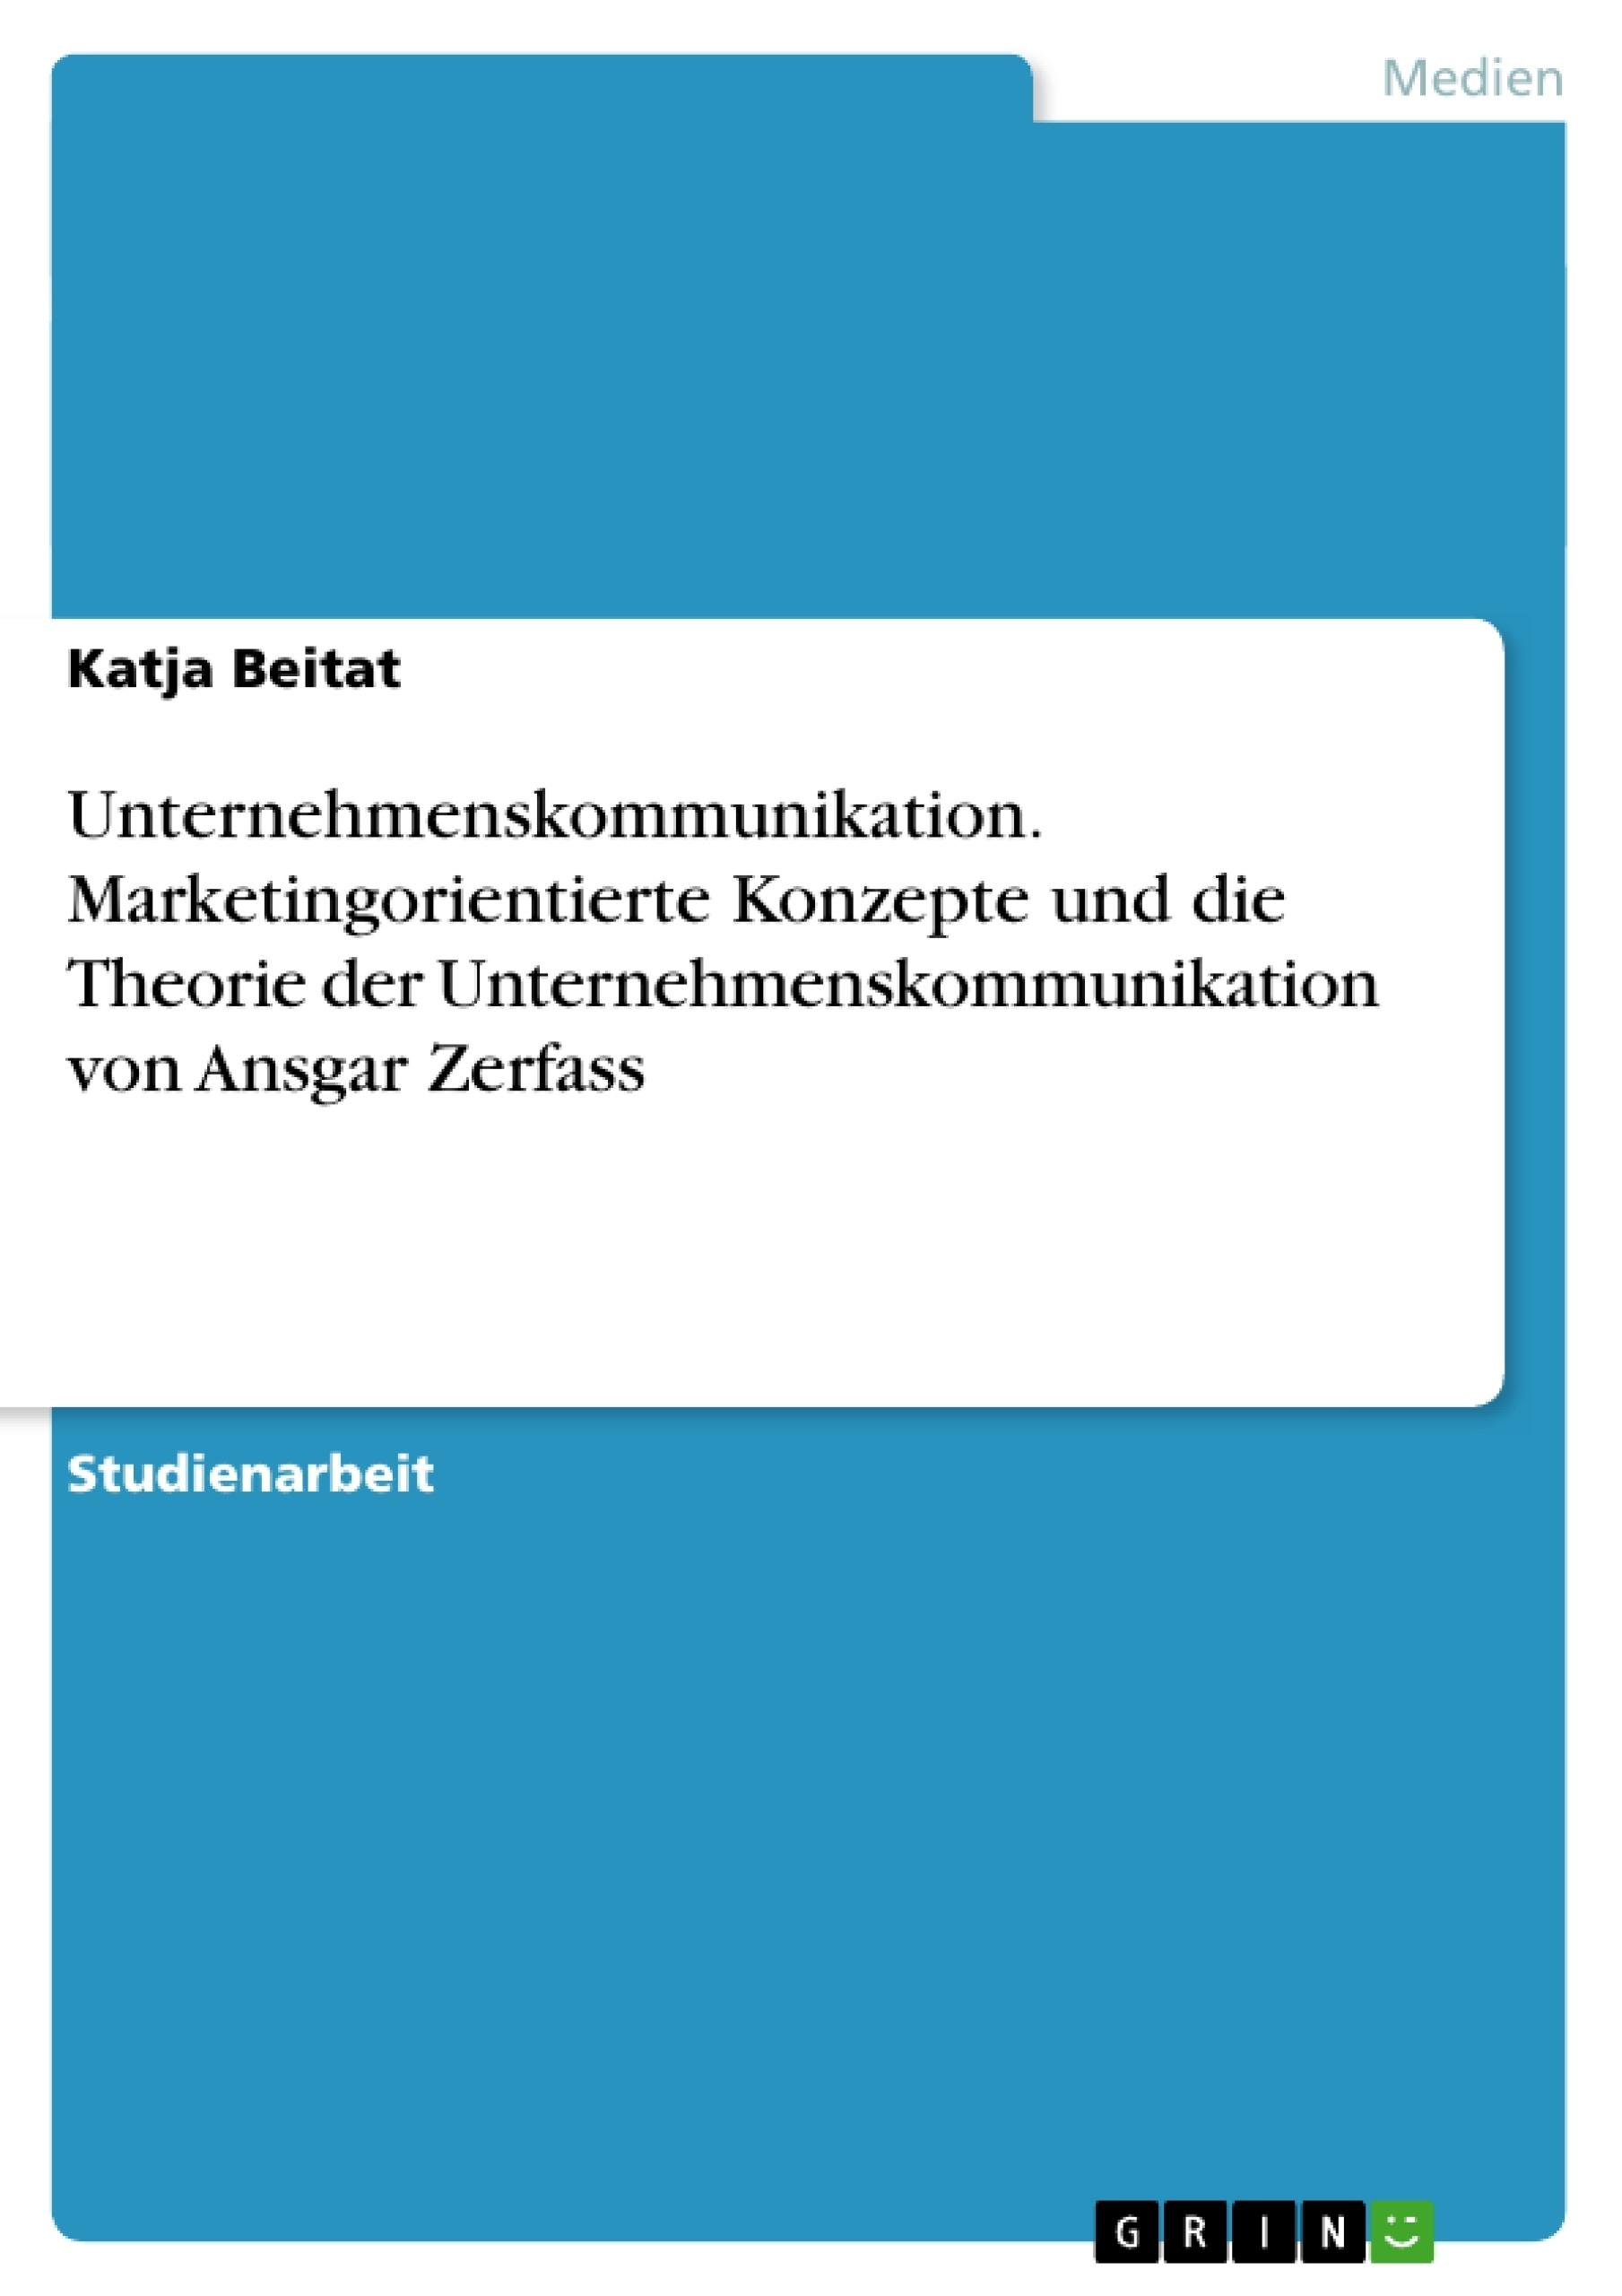 Titel: Unternehmenskommunikation. Marketingorientierte Konzepte und die Theorie der Unternehmenskommunikation von Ansgar Zerfass